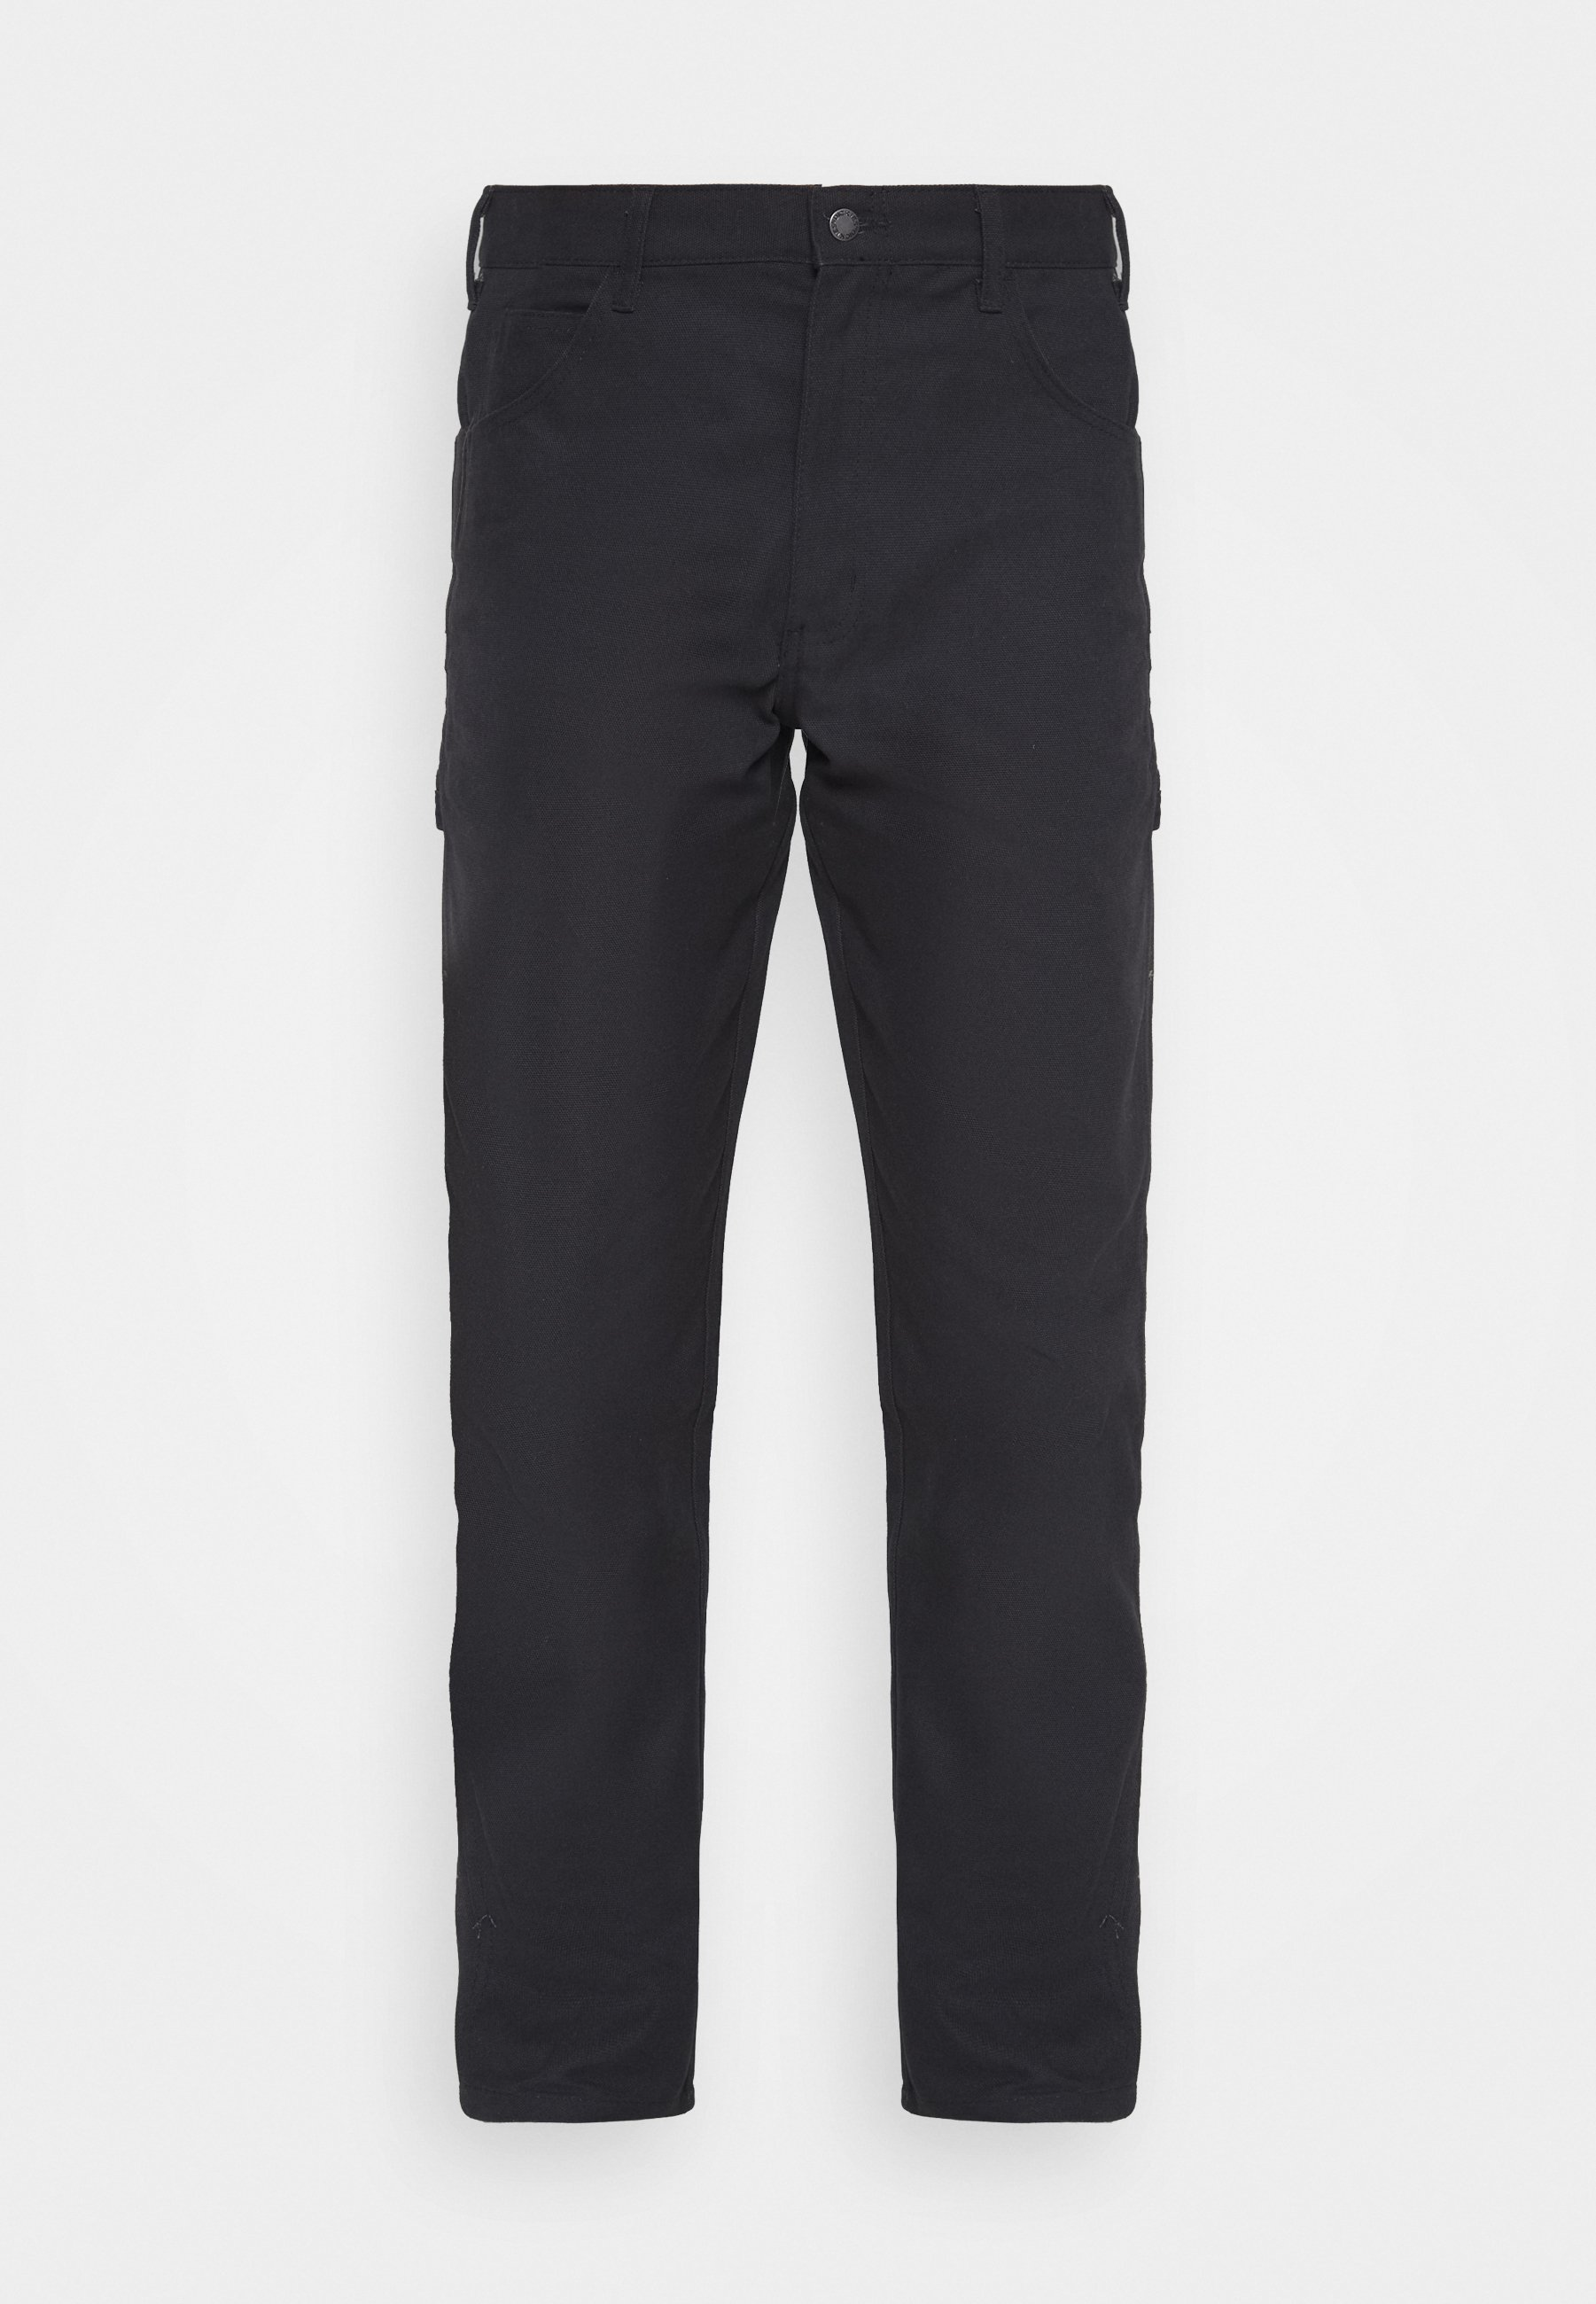 Homme DUCK CARPENTER PANT - Pantalon cargo